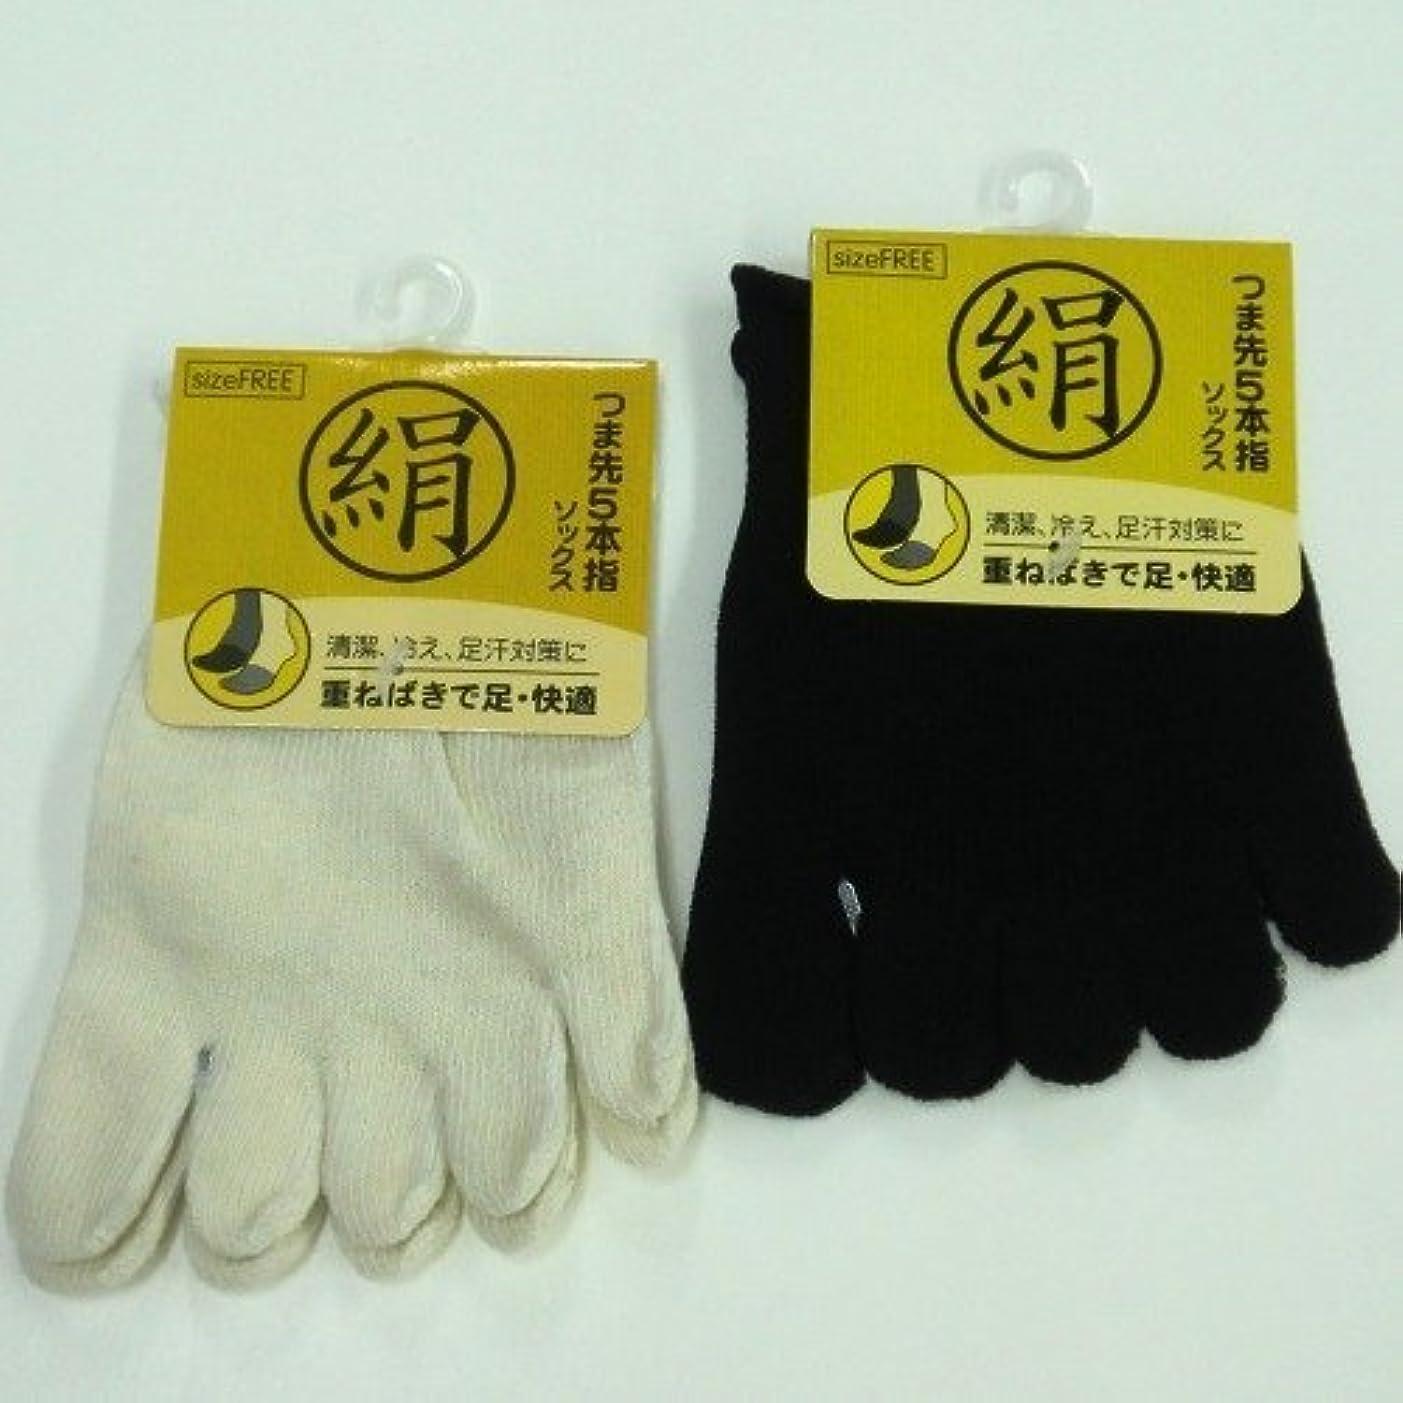 トロリー抵抗力があるインドシルク 5本指ハーフソックス 足指カバー 天然素材絹で抗菌防臭 4足組